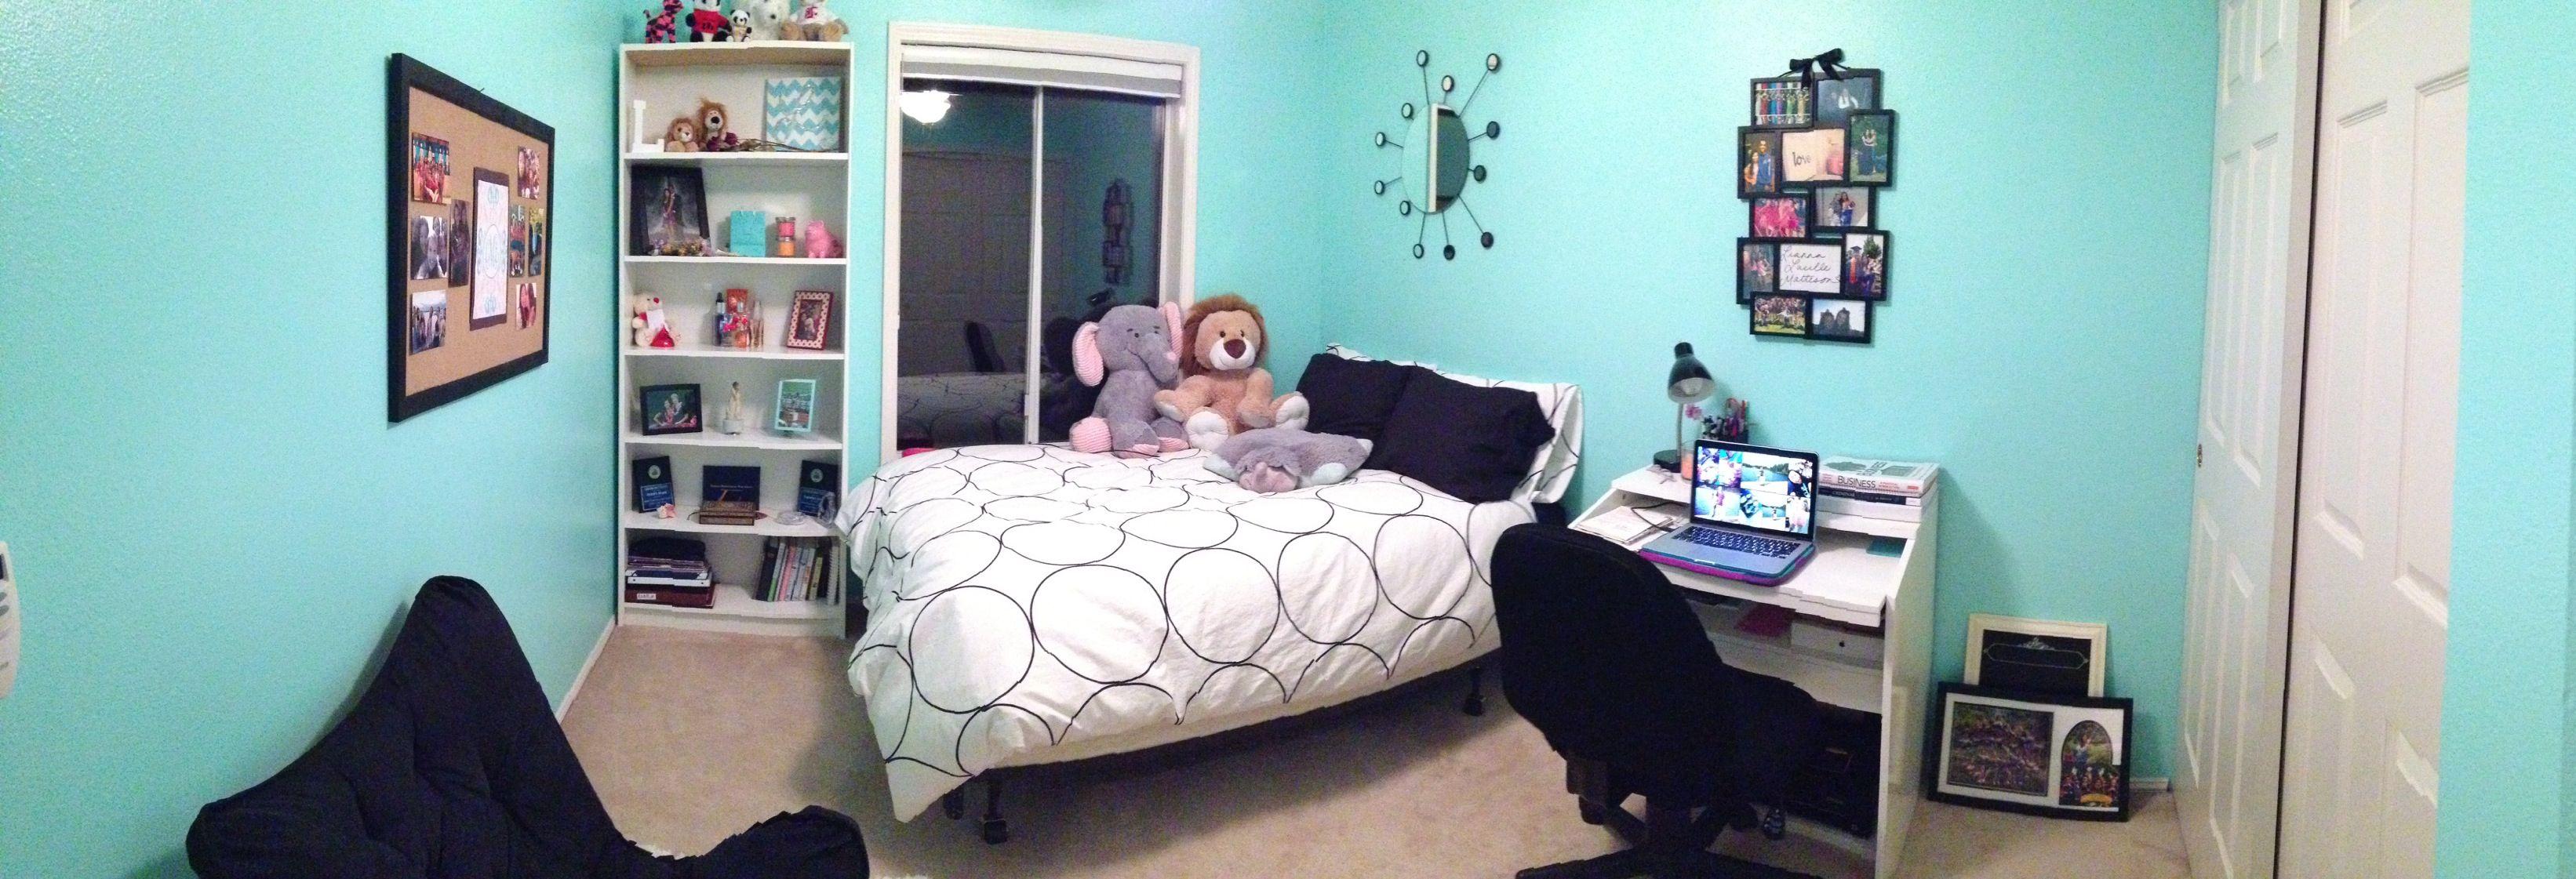 tiffany blue bedroom bedroom ideas pinterest